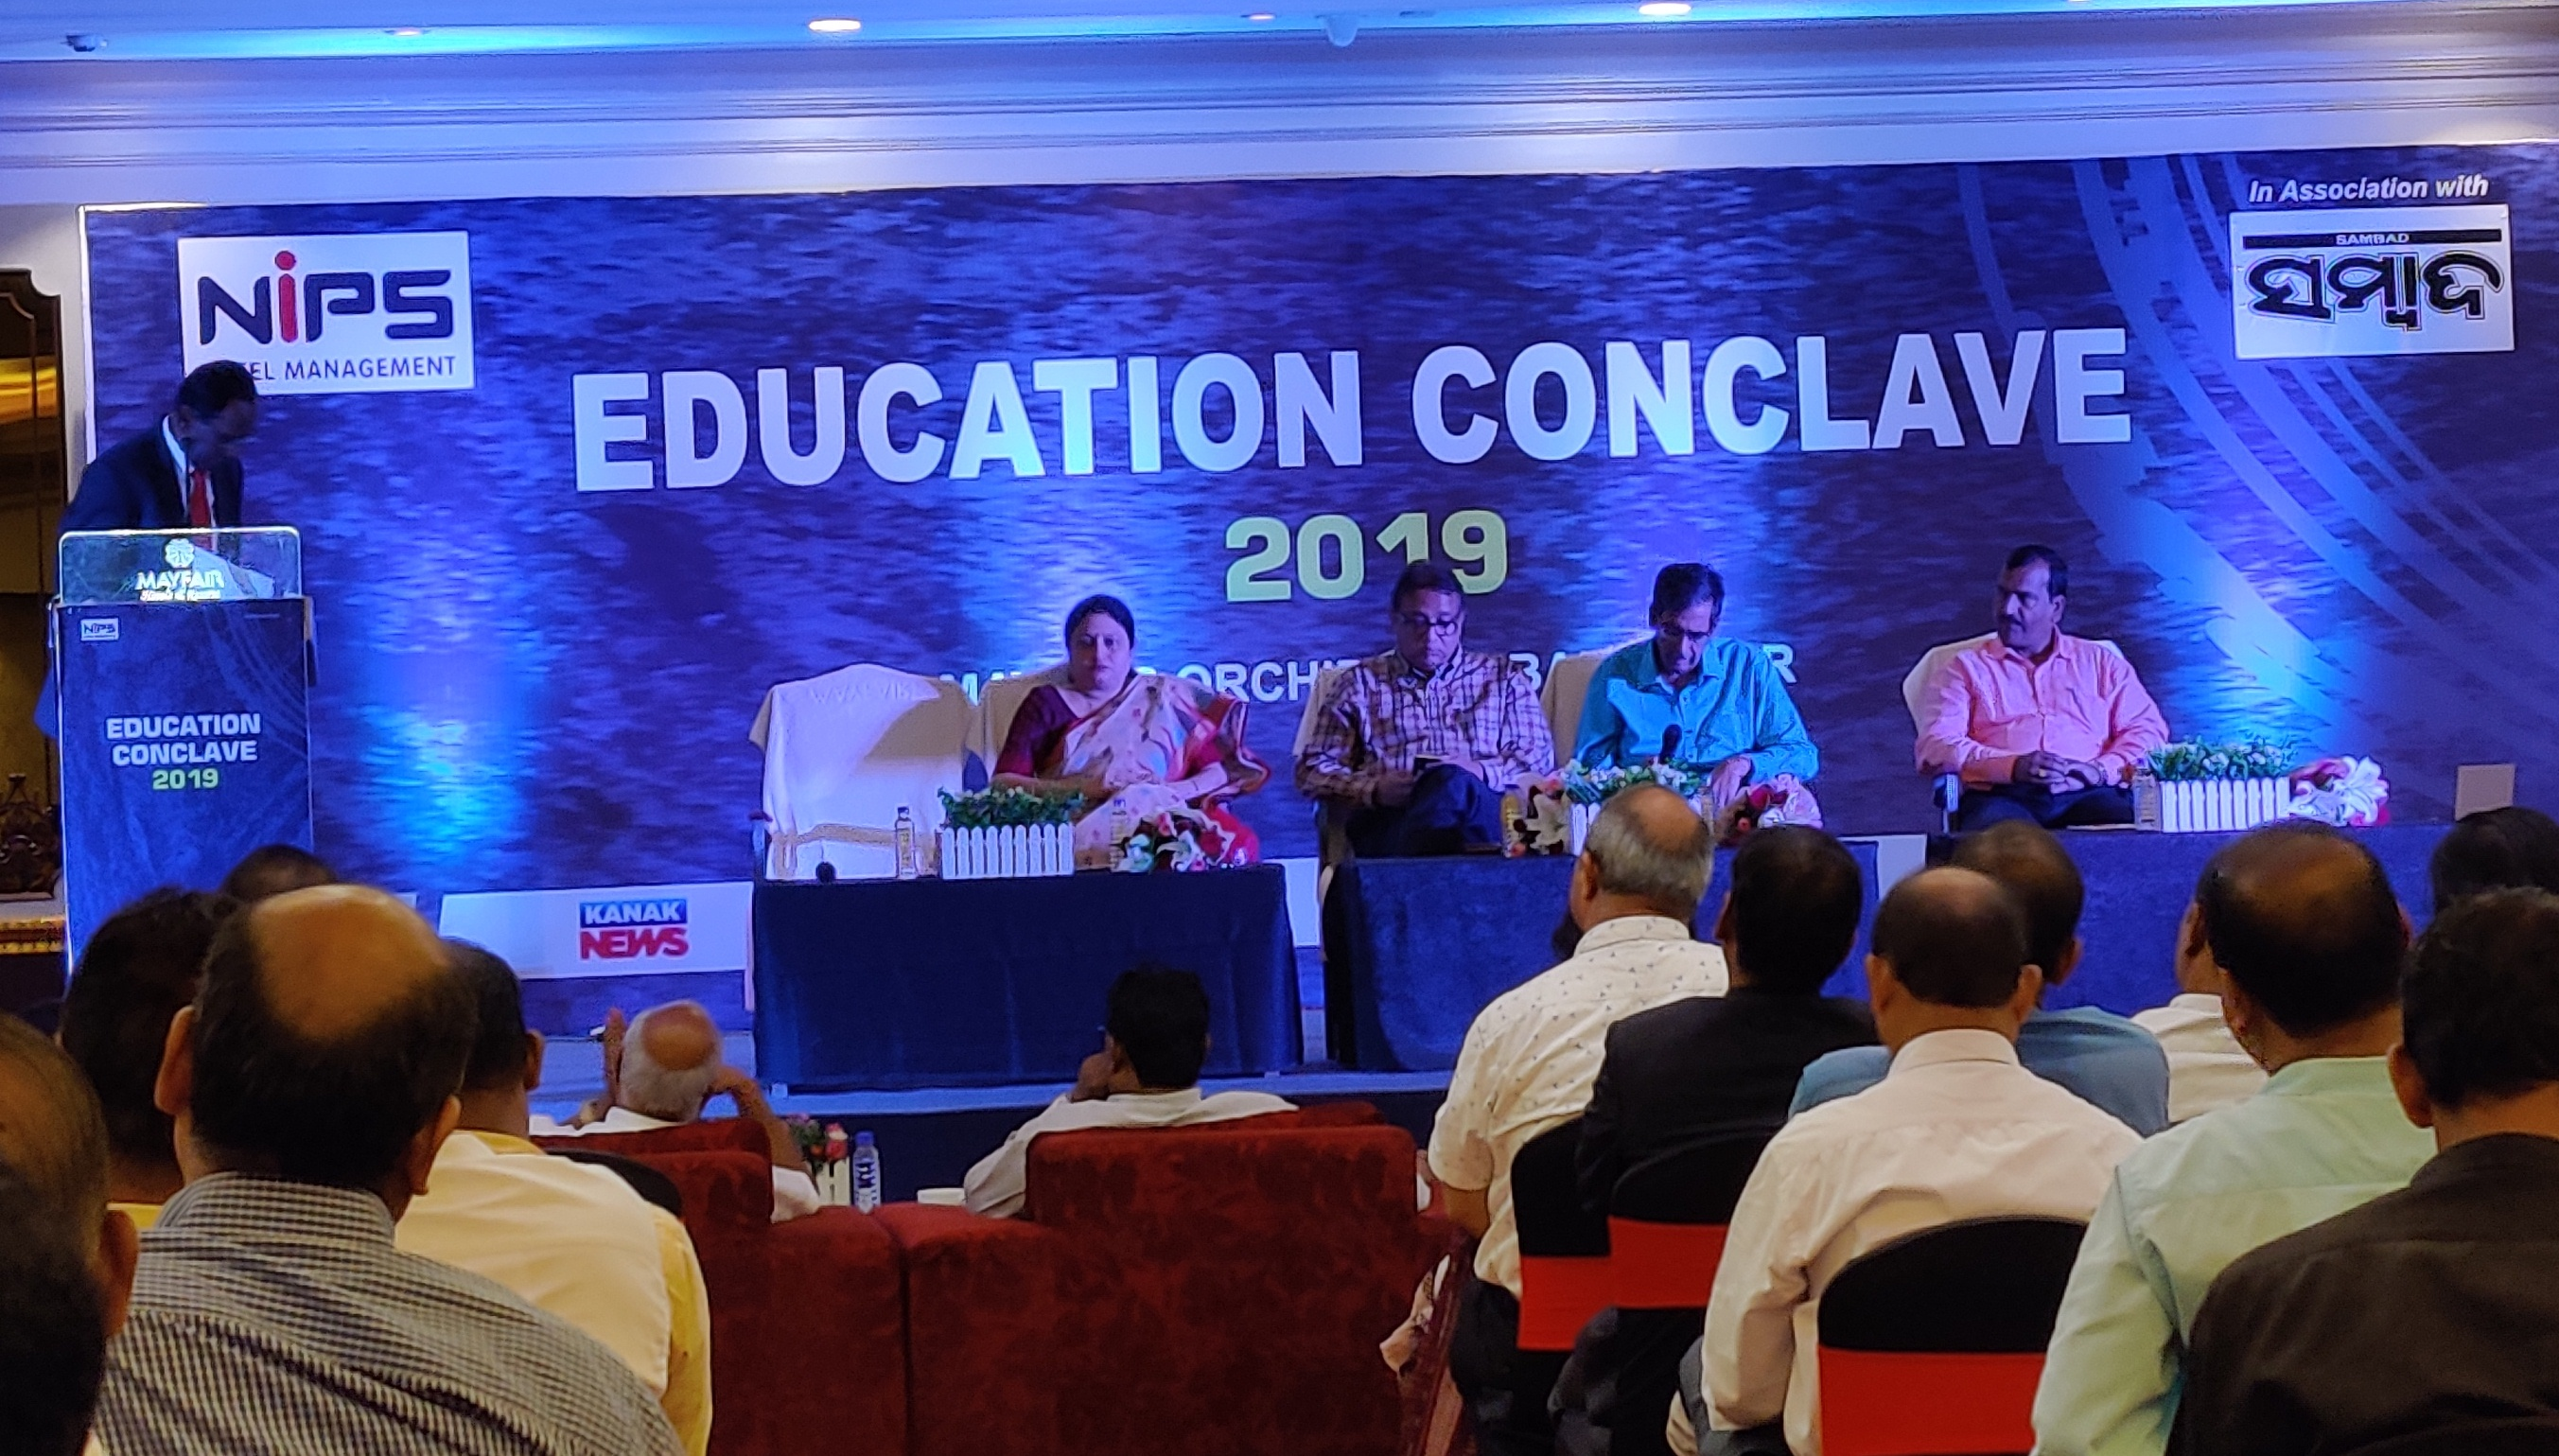 education conclave 2